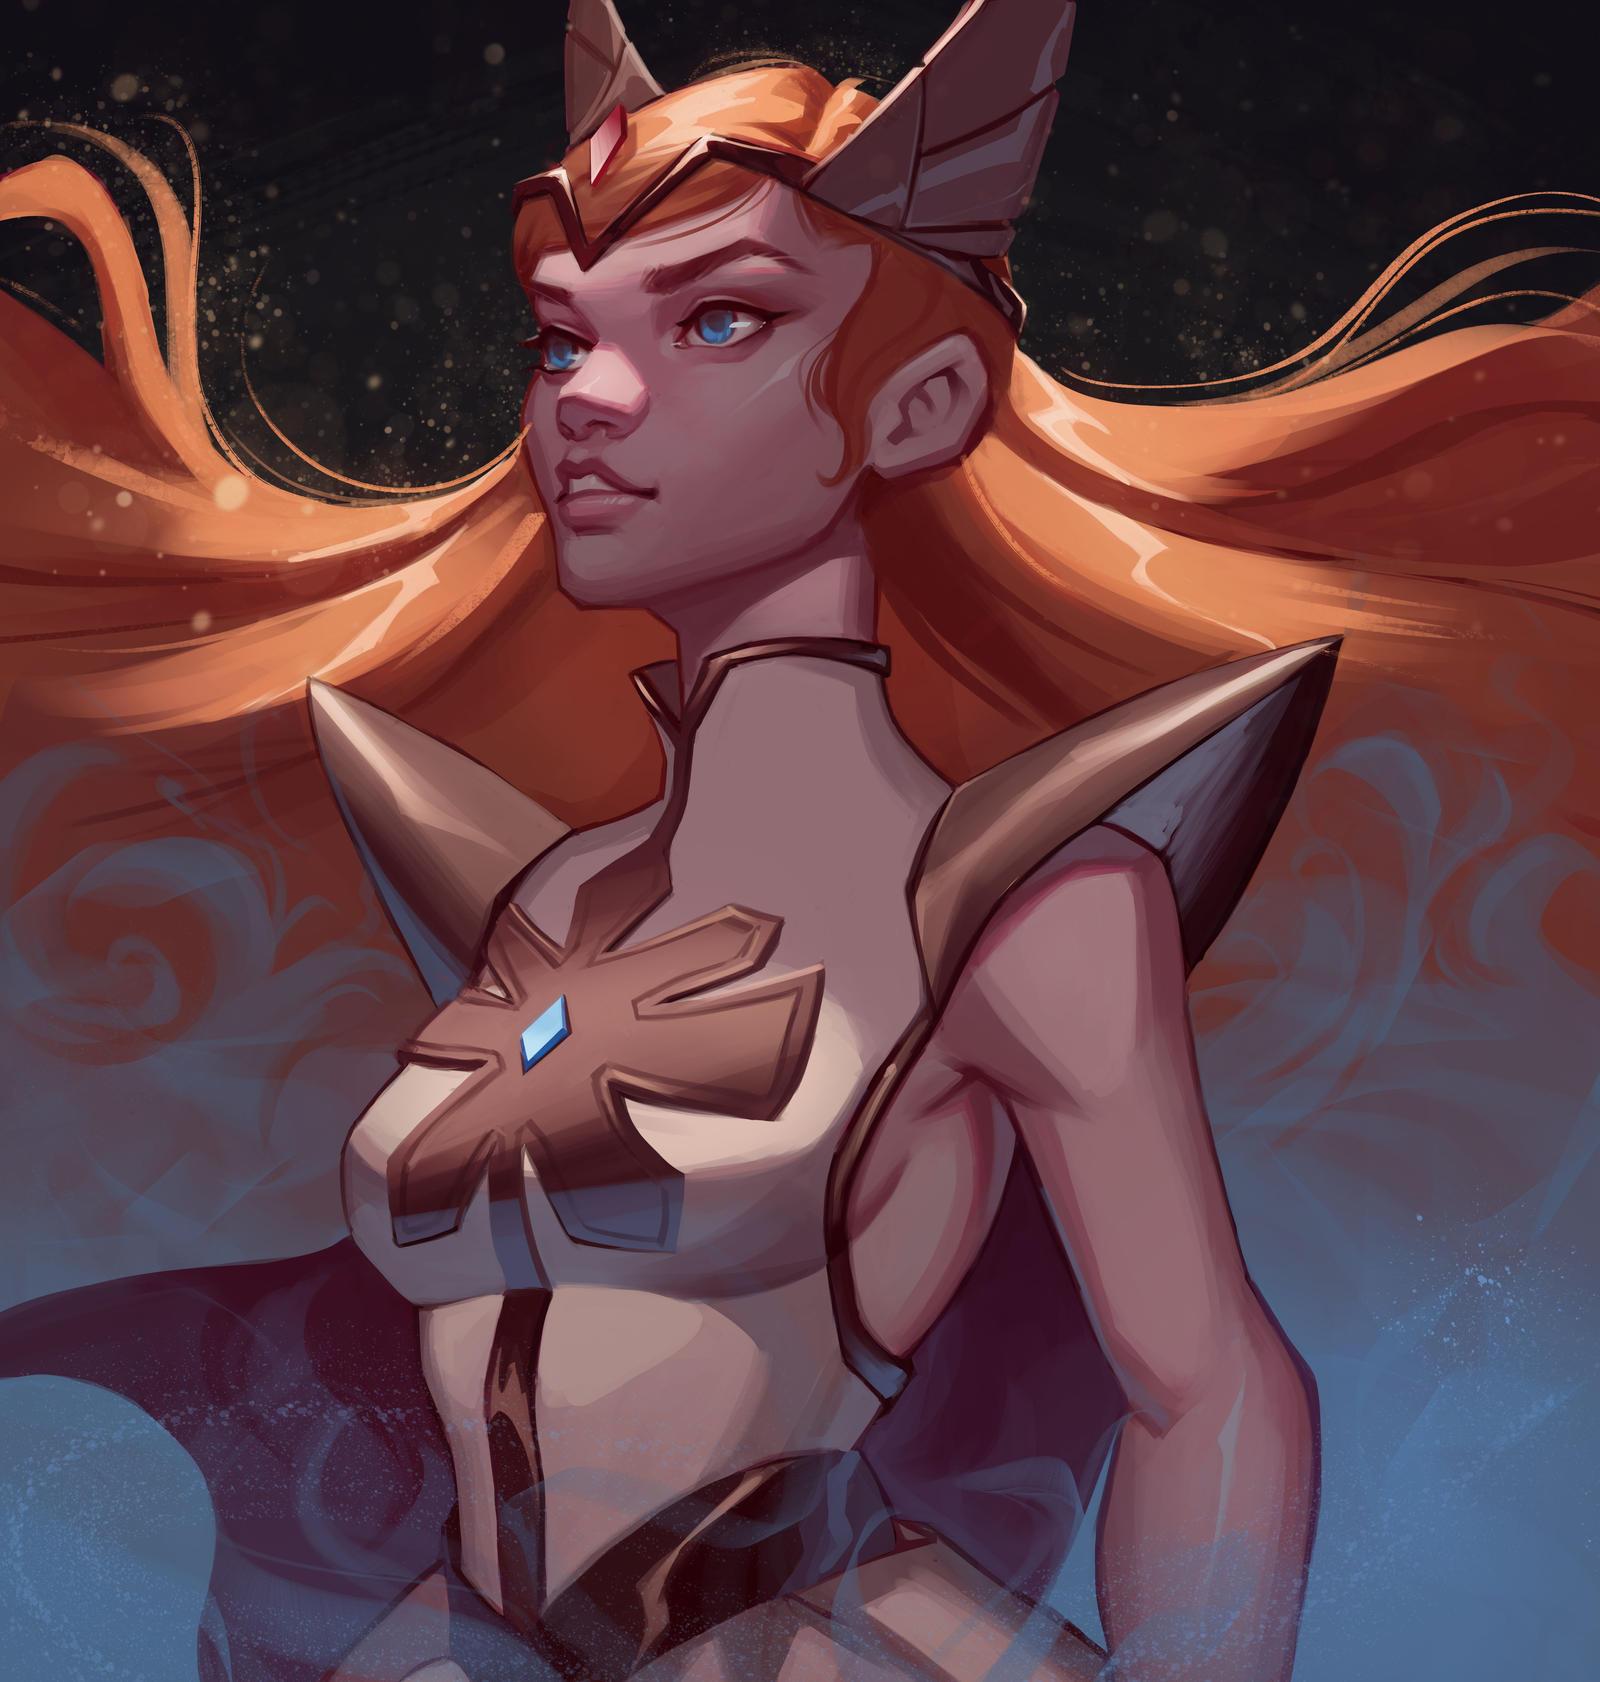 She-ra 2